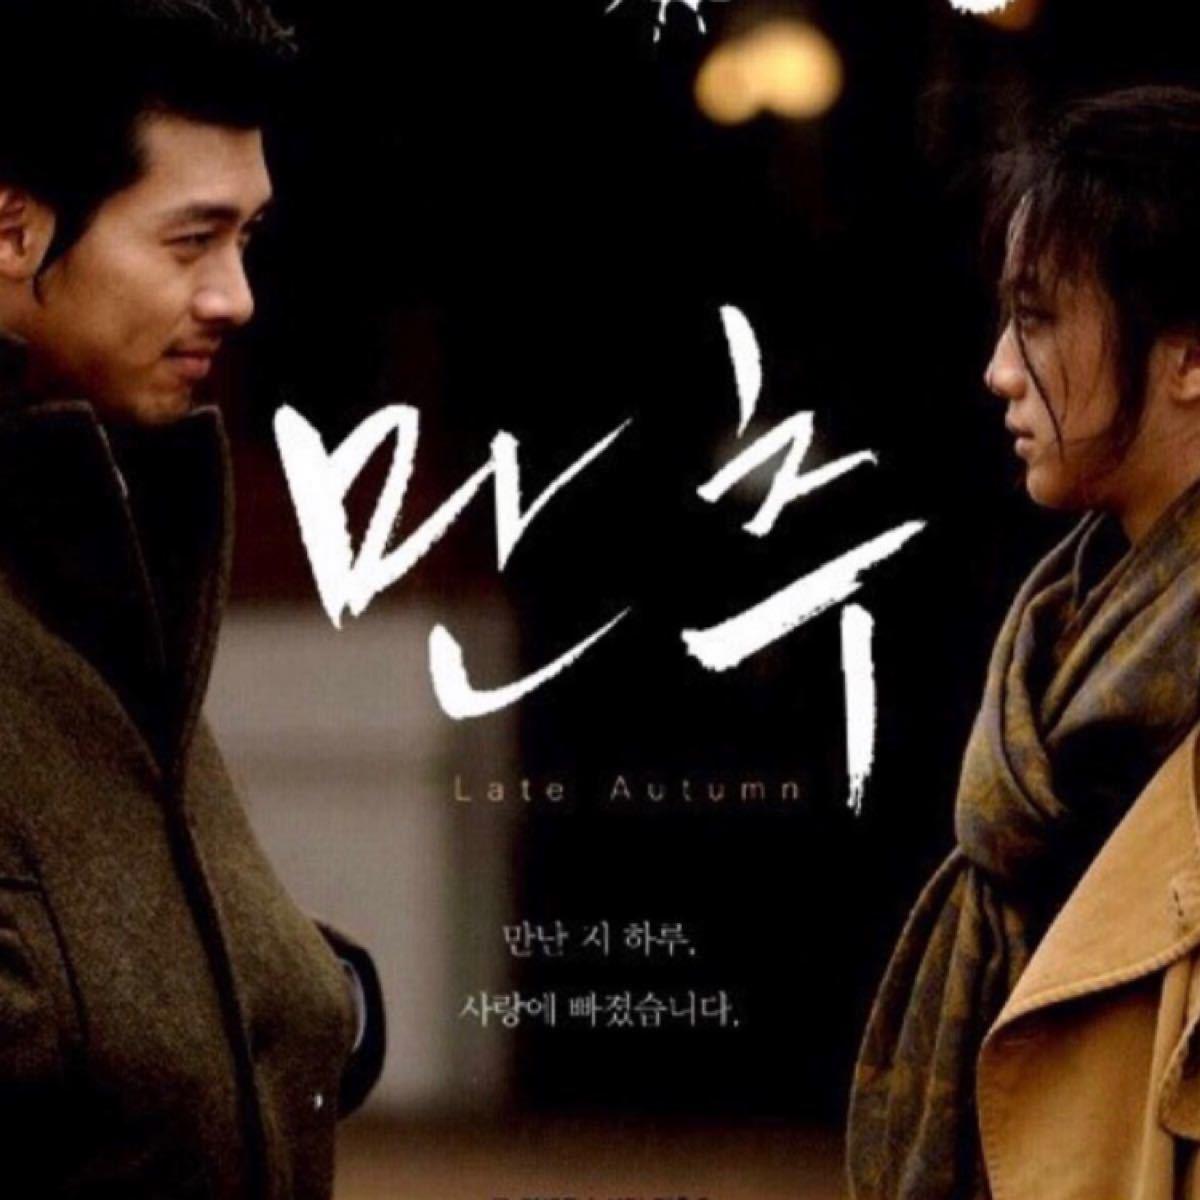 韓国映画  レイトオータム  ヒョンビン  タン・ウェイ  DVD  レーベル有り